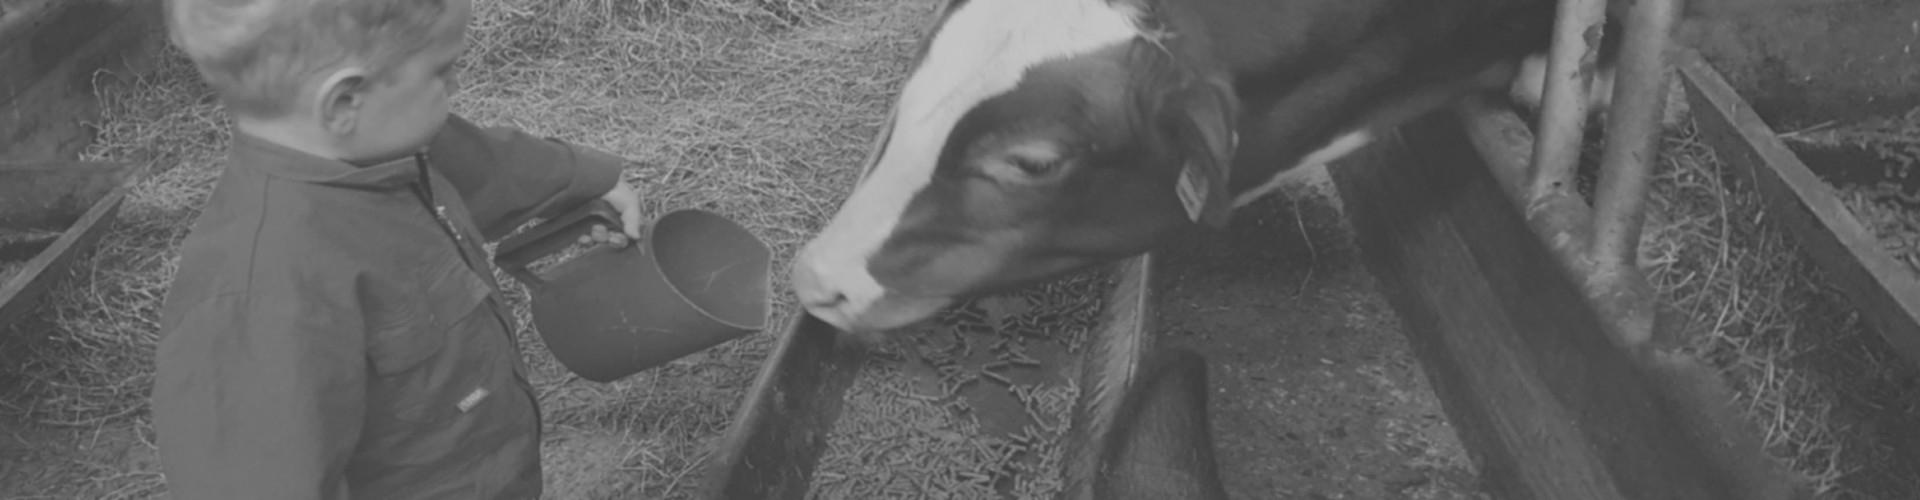 Farmcamps met een peuter